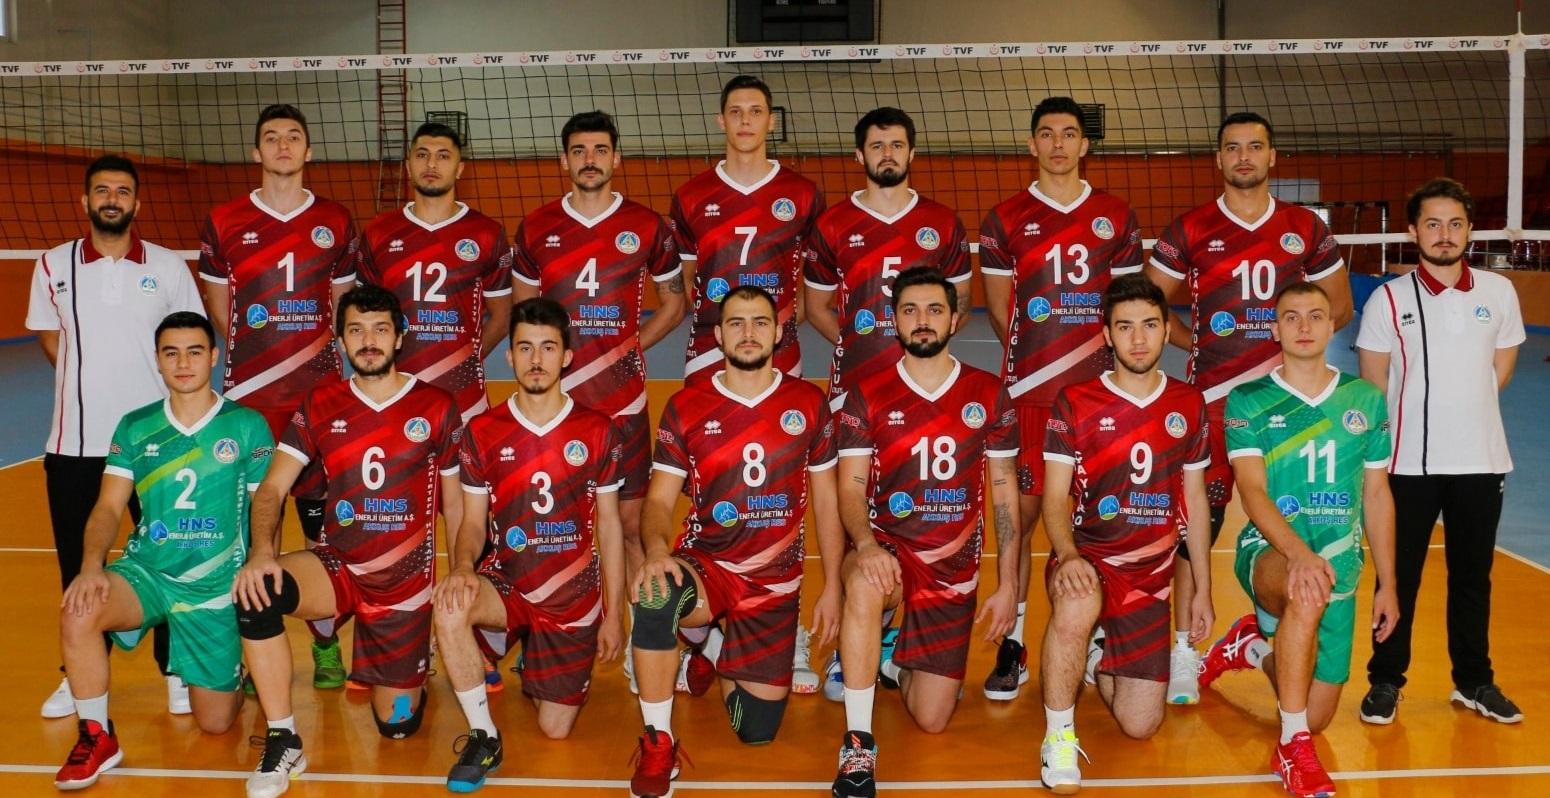 Akkuş Belediyespor Voleybol Takımı Karantina'da!